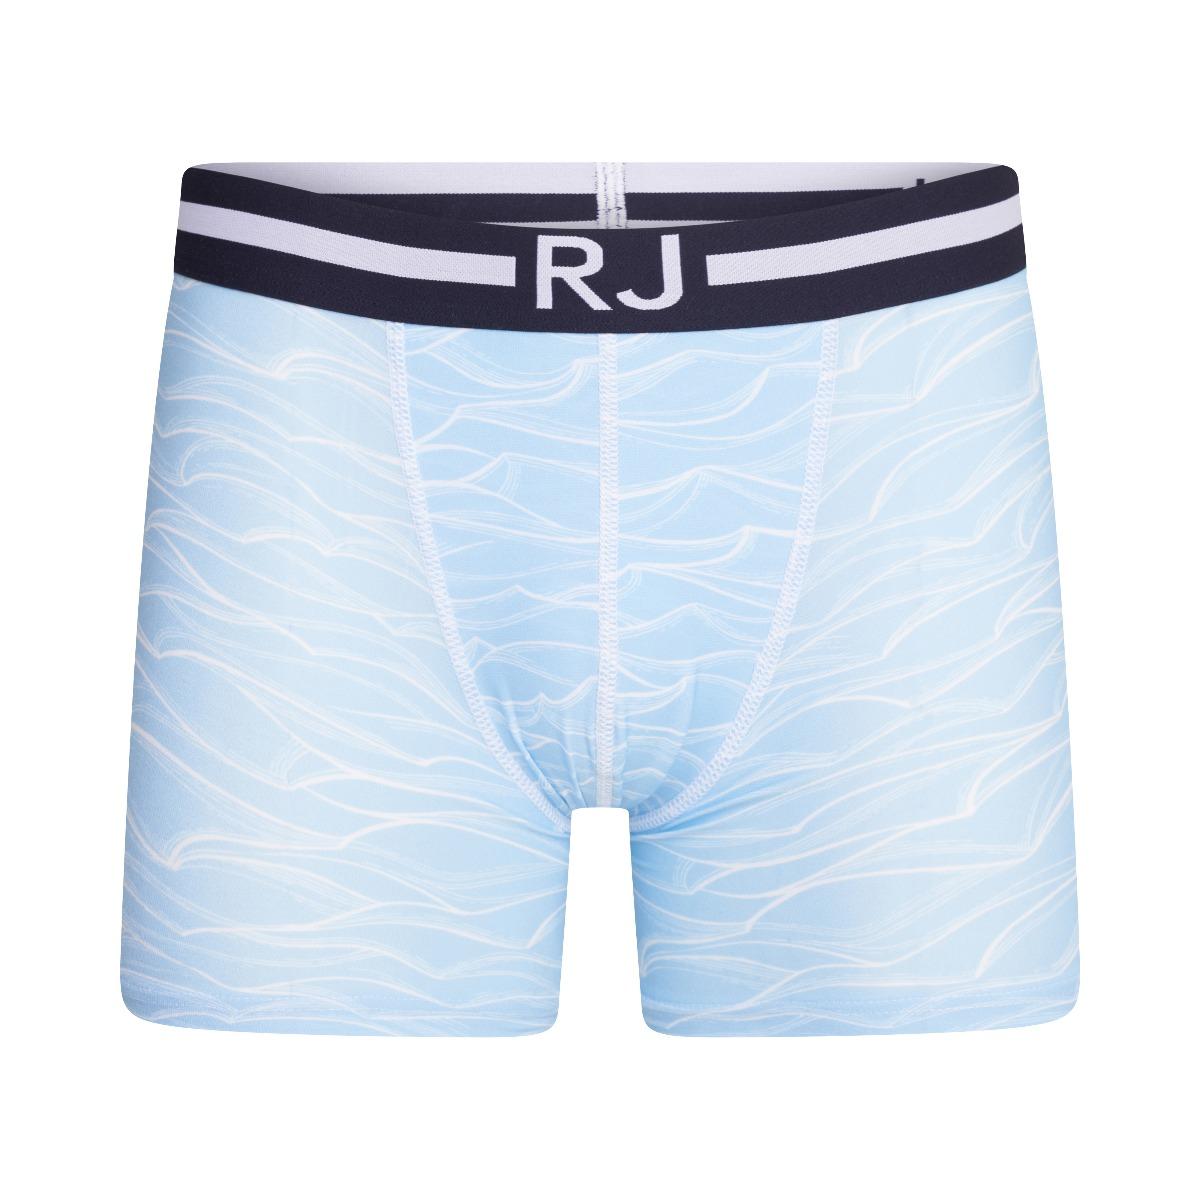 RJ Pure Fashion Heren Boxershort Sea L